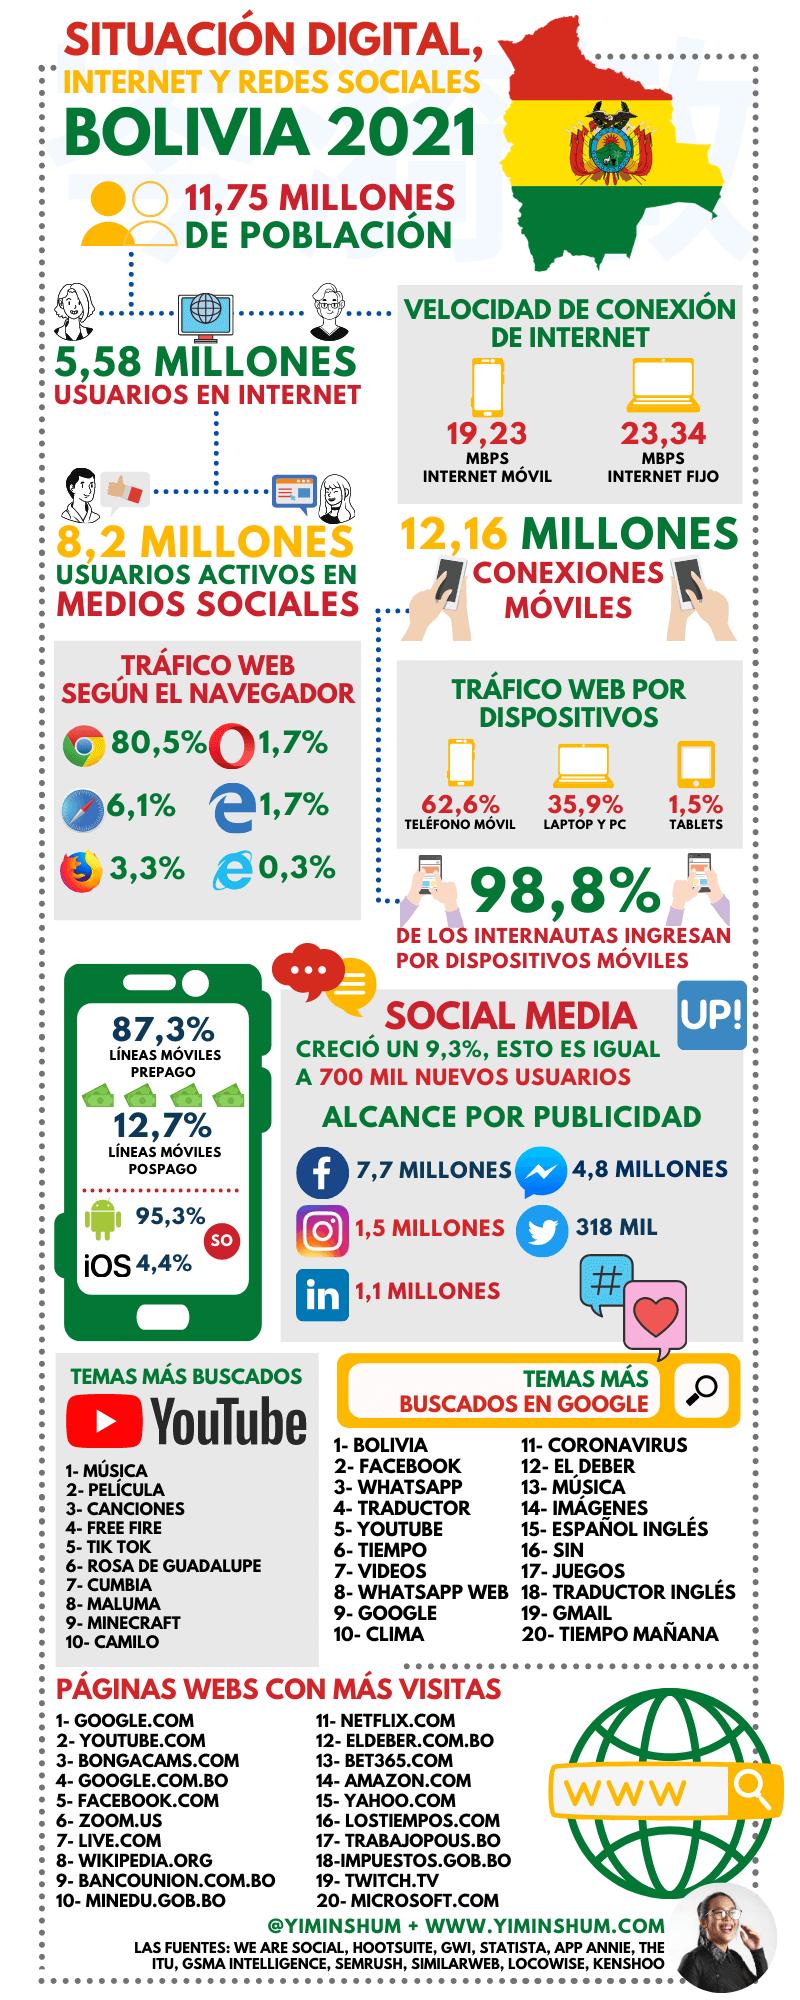 Internet y redes sociales en Bolivia 2021